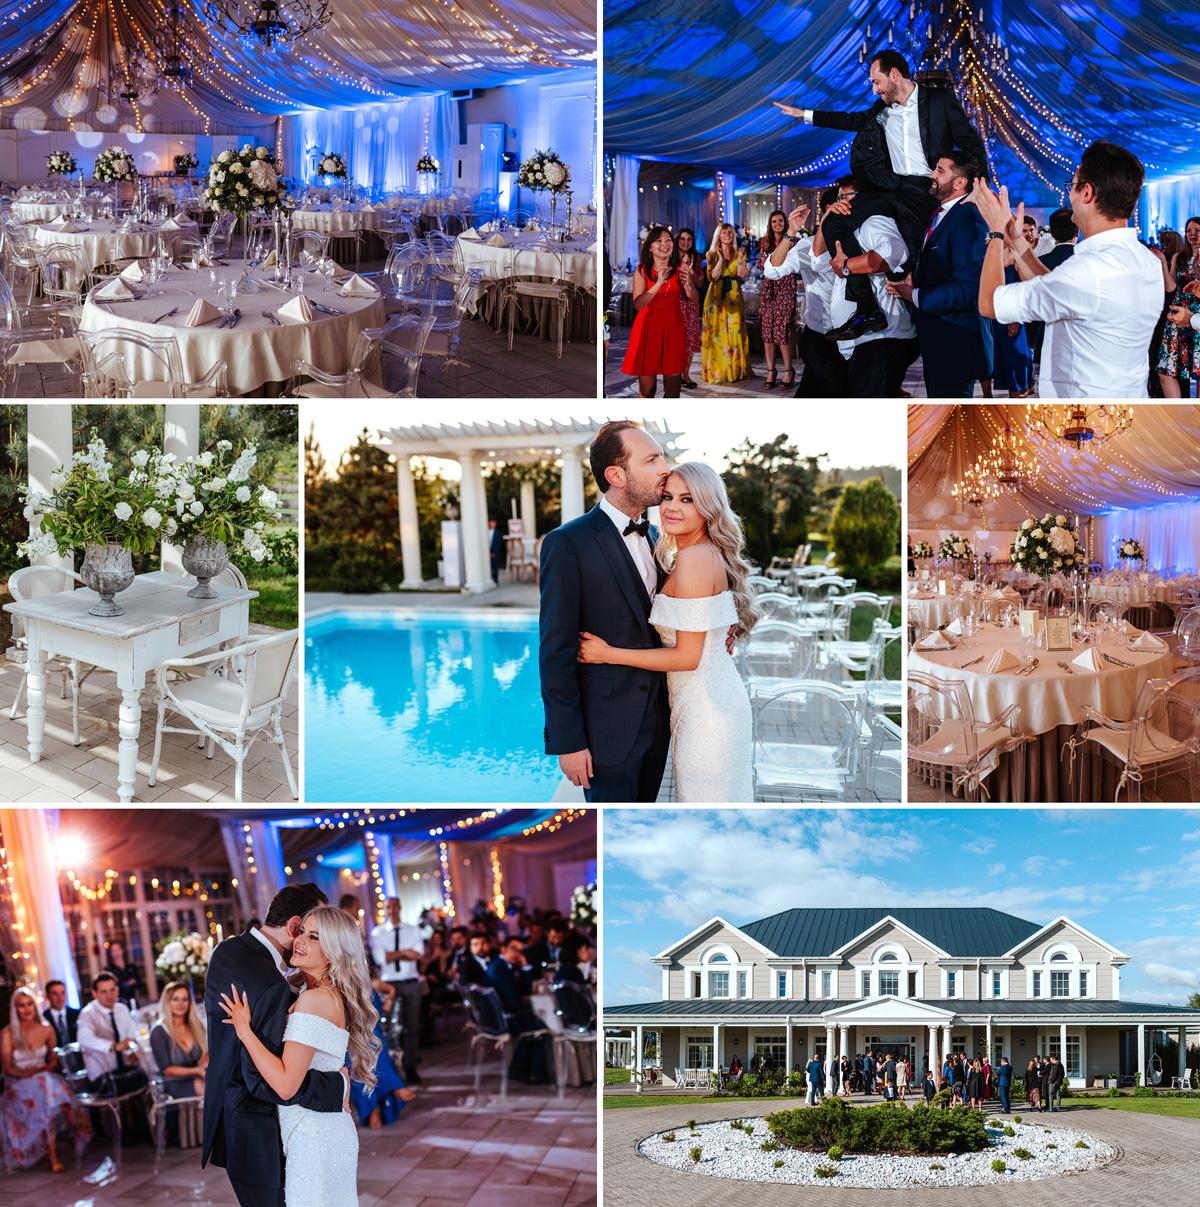 Miętowe Wzgórza - obiekt w stylu amerykańskim, w którym zorganizujesz swoje wesele pod Warszawą